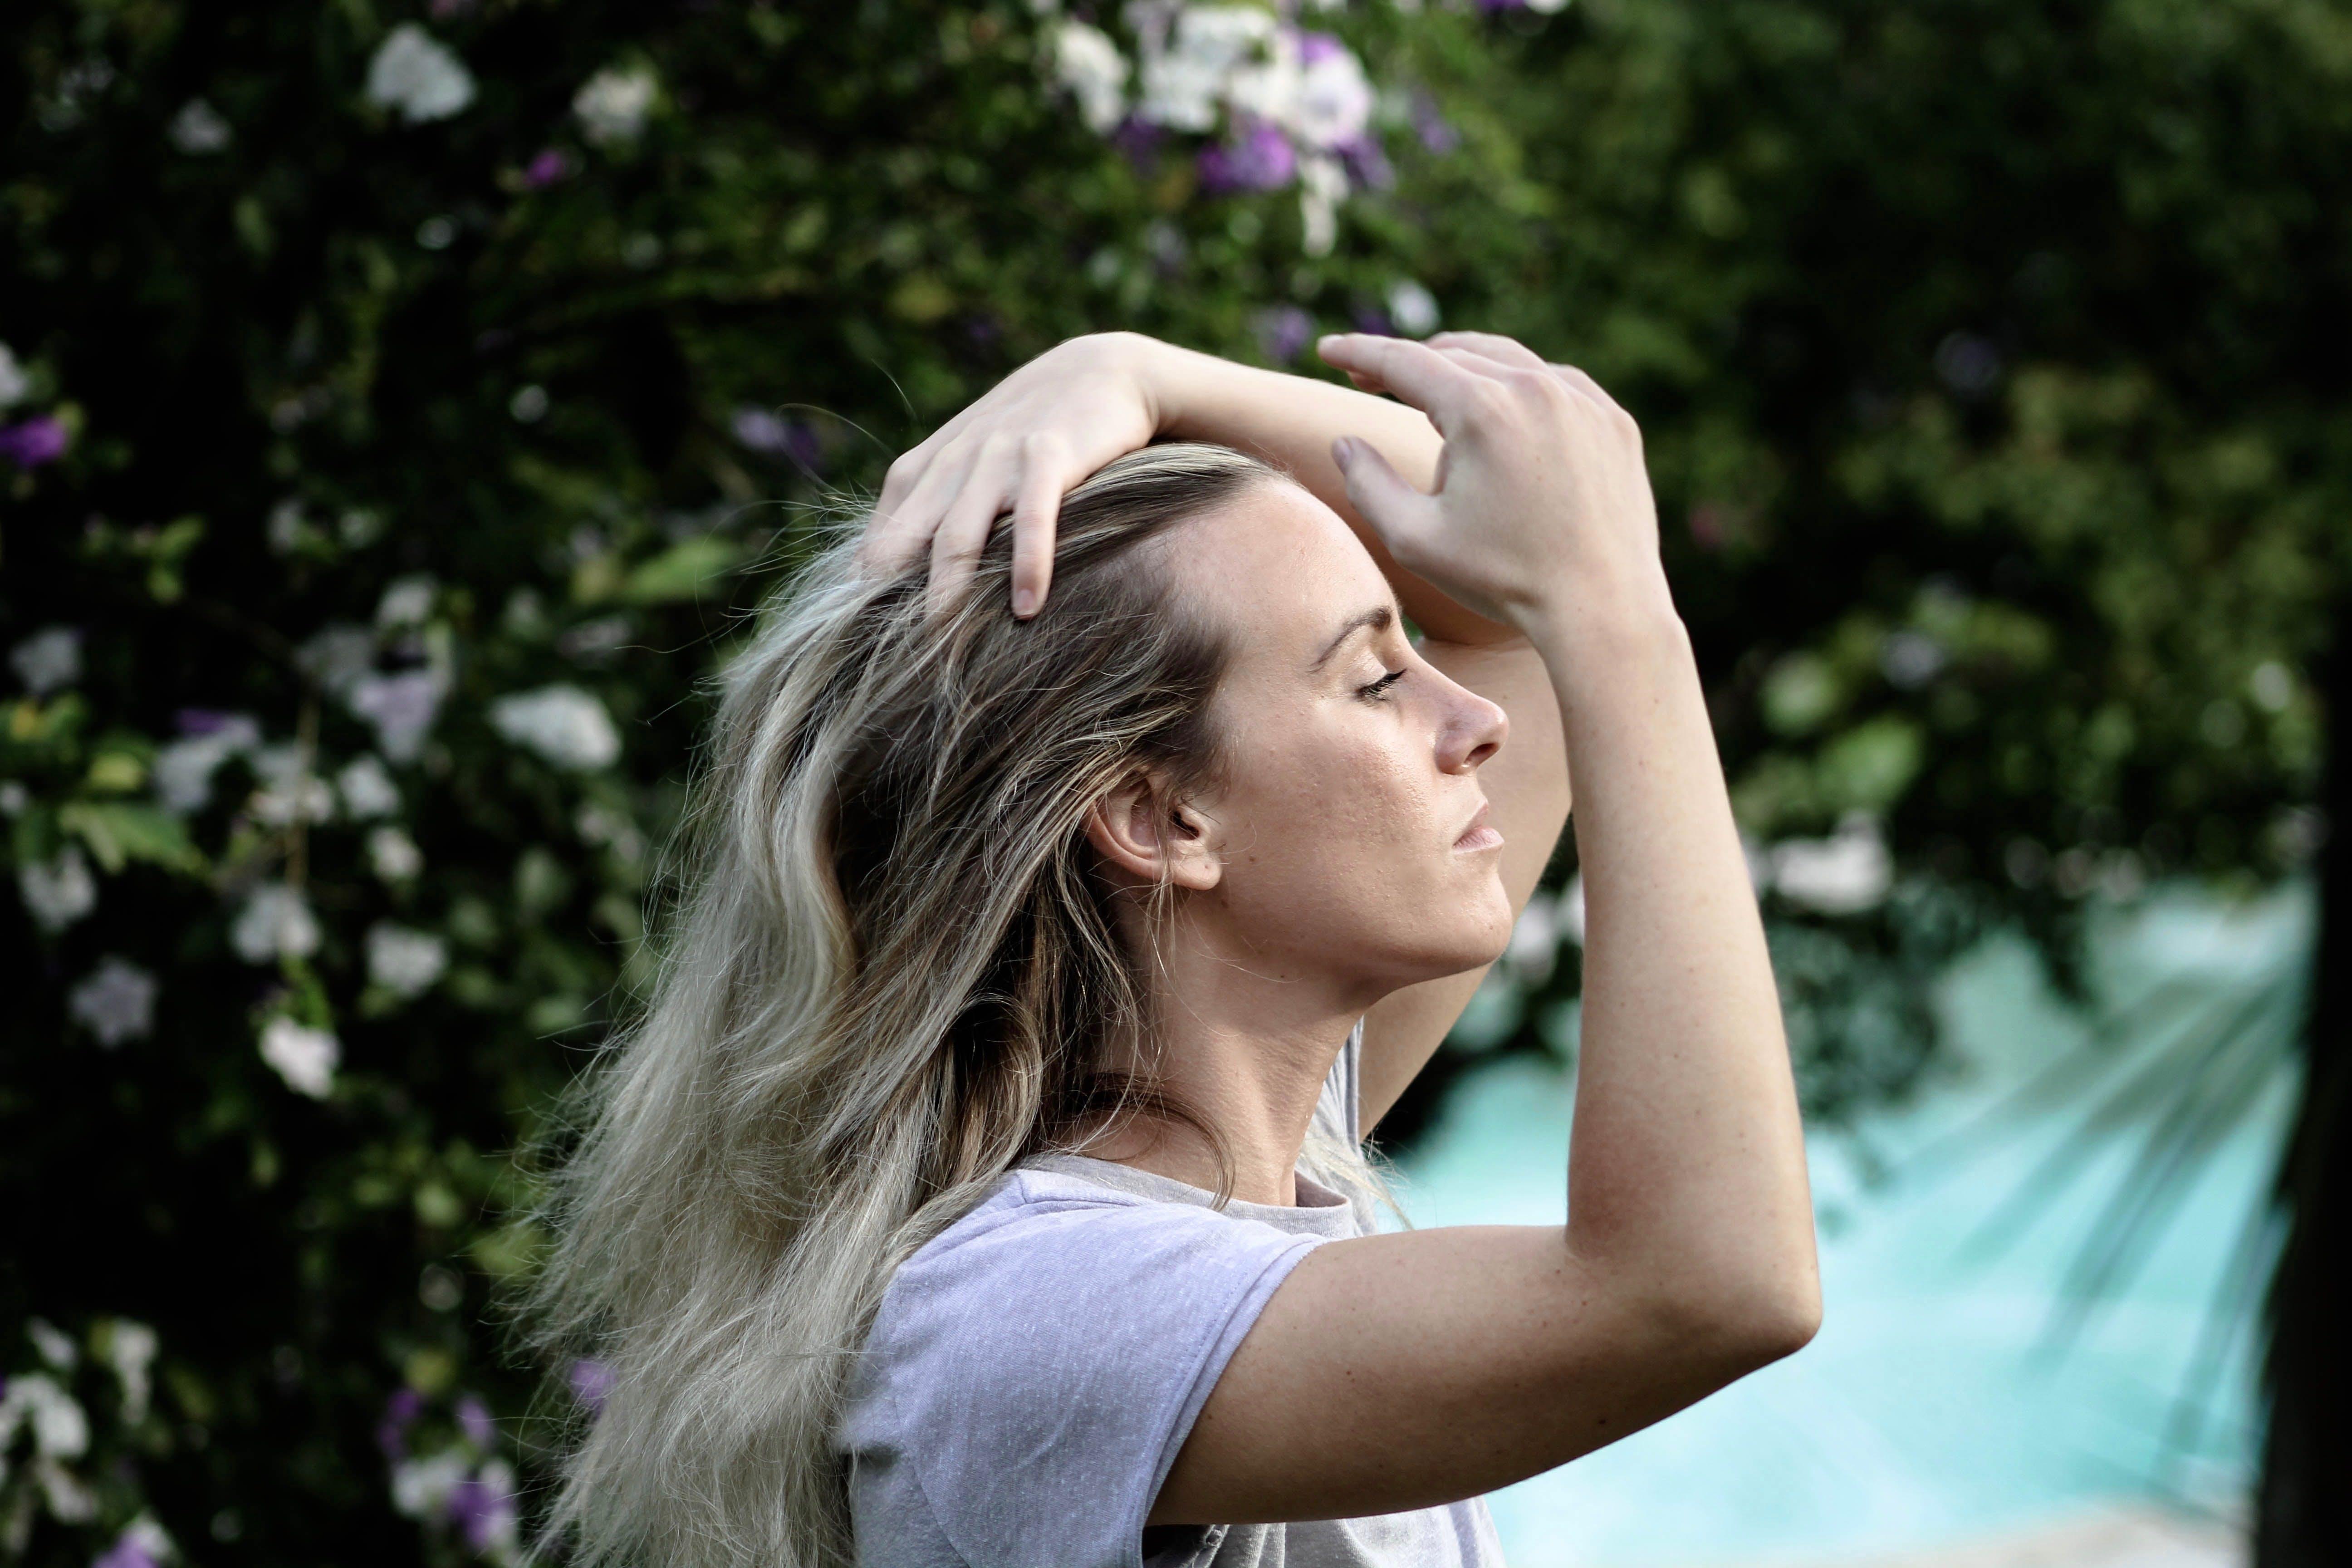 Gratis stockfoto met bezet, blauw, blond haar, groen